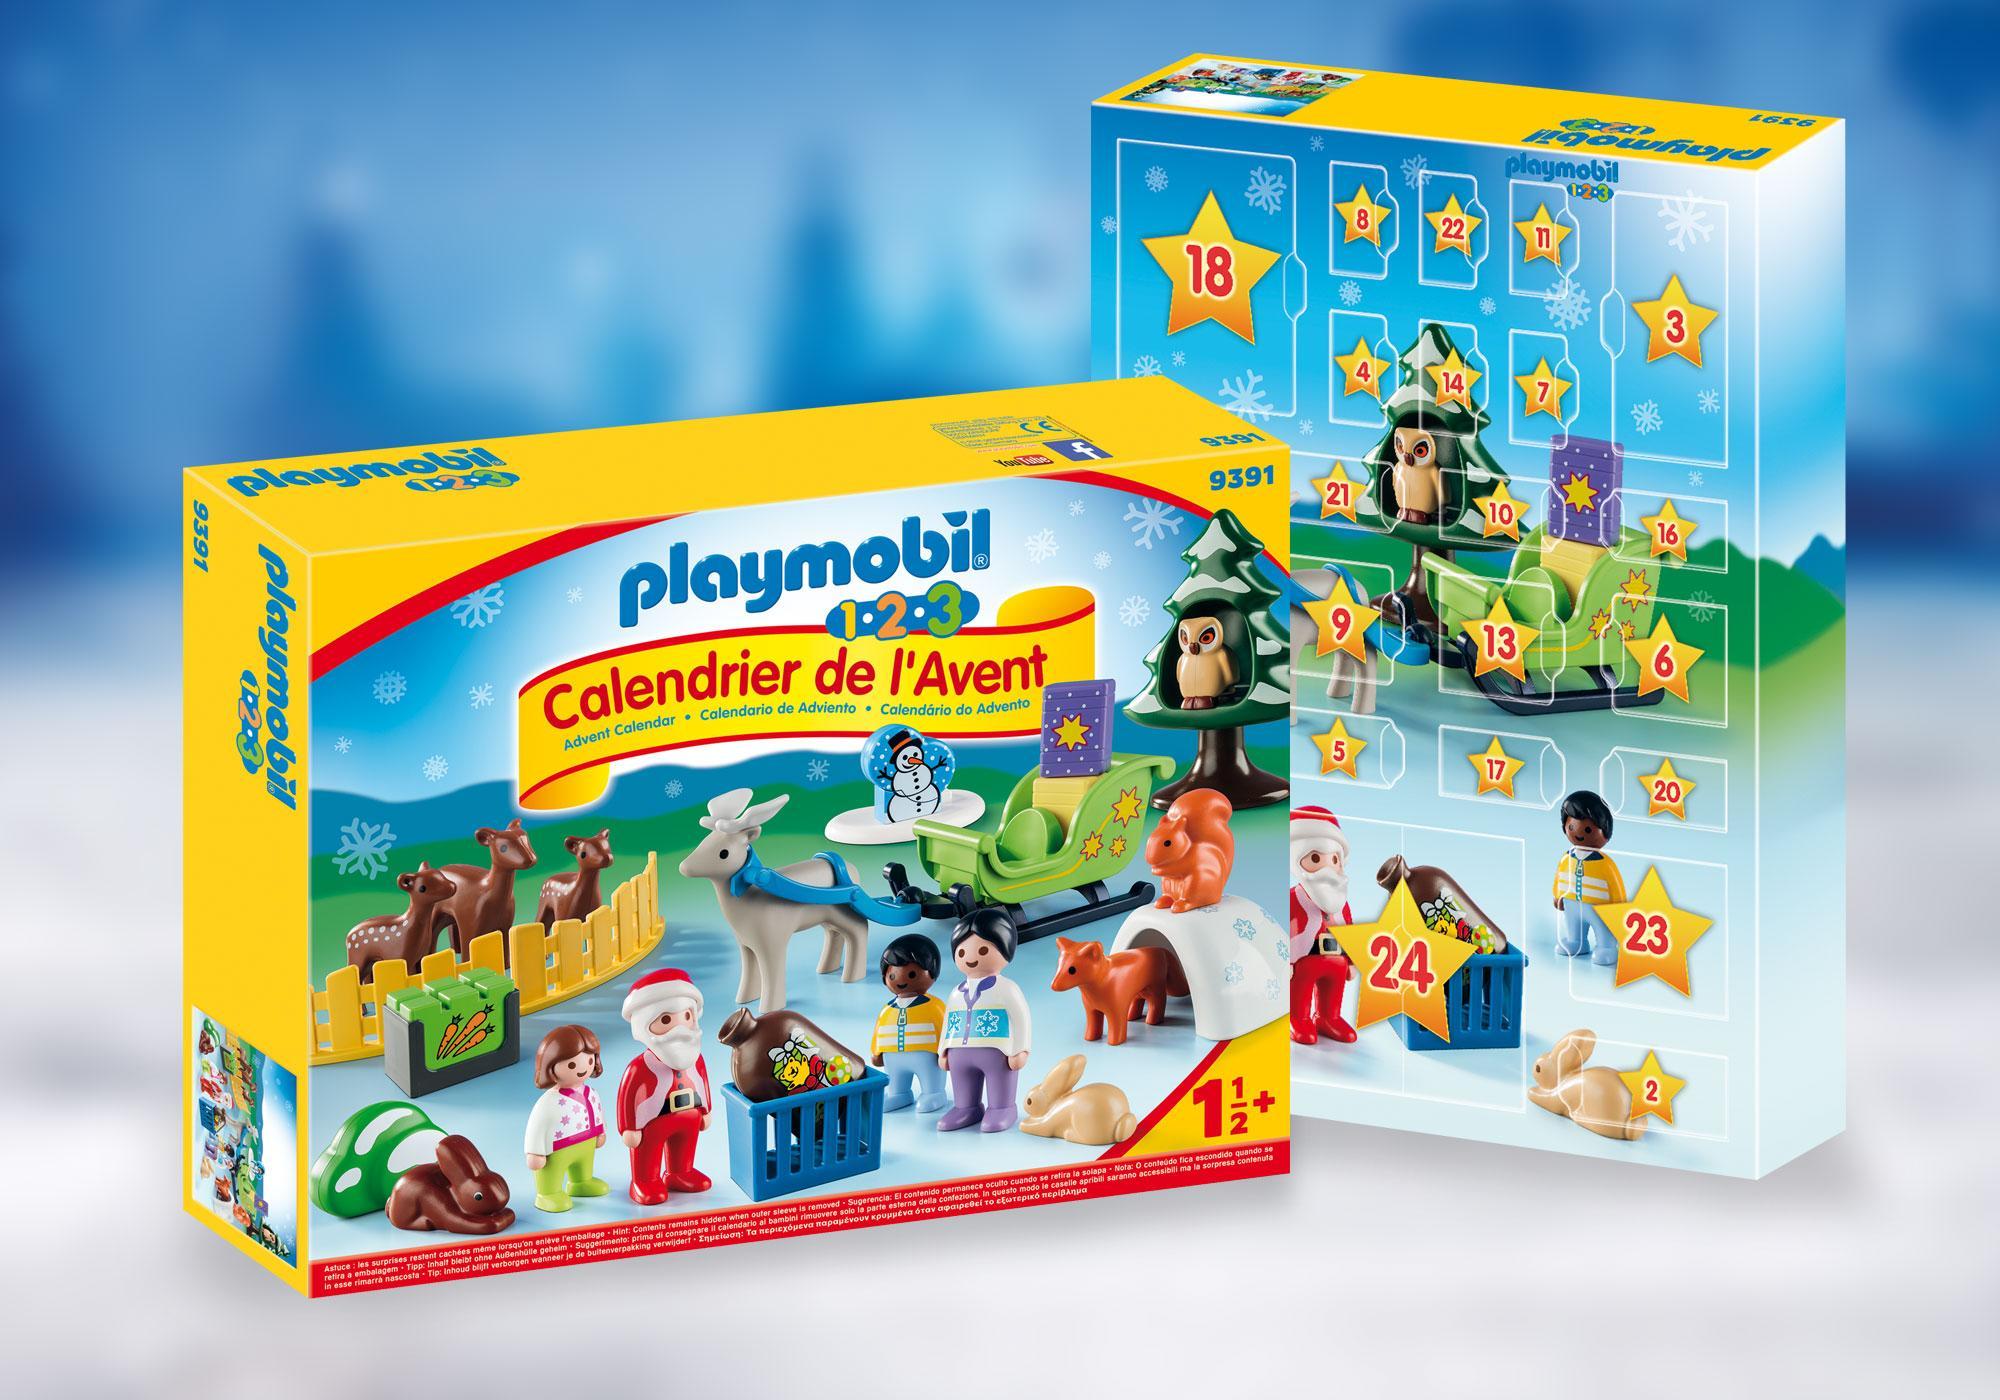 http://media.playmobil.com/i/playmobil/9391_product_detail/Calendrier de l'Avent 1.2.3 'Père Noël et animaux de la forêt'